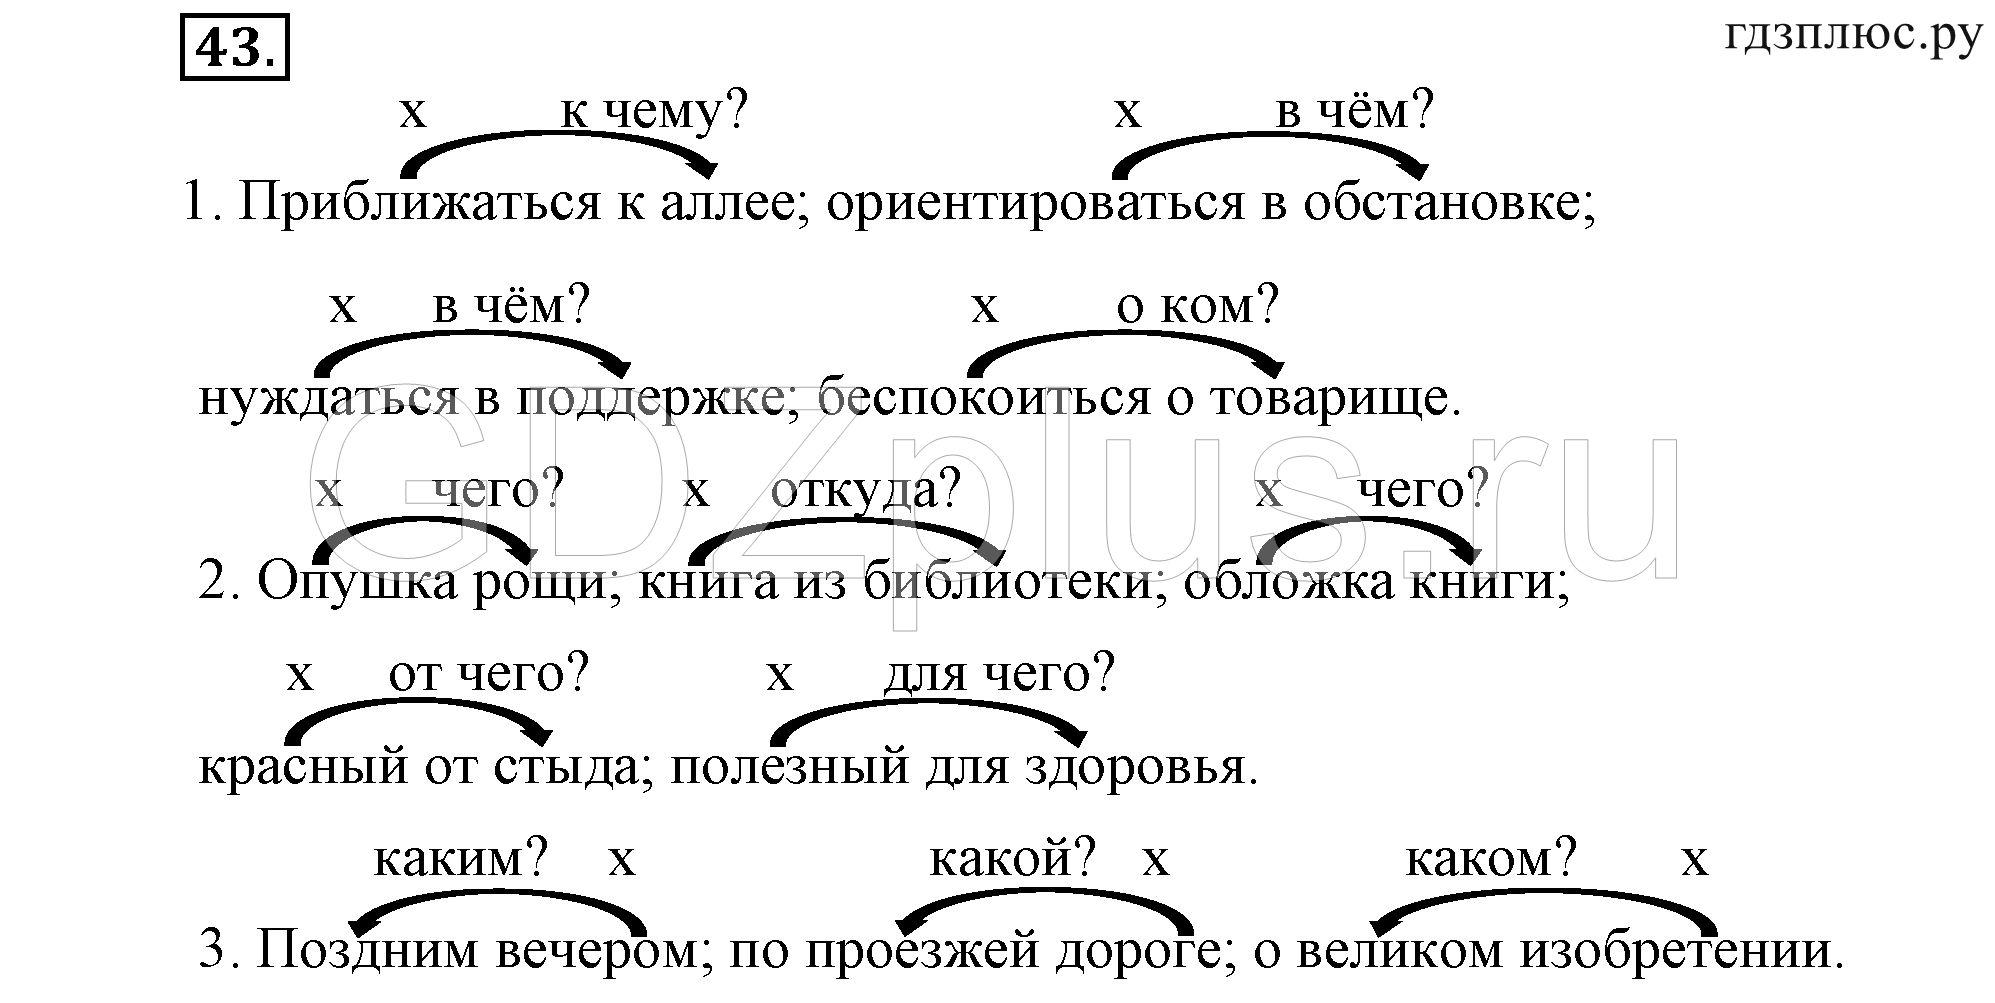 Гдз по русскому языку 6 класса баранов повторение контрольные вопросы и задания на стр